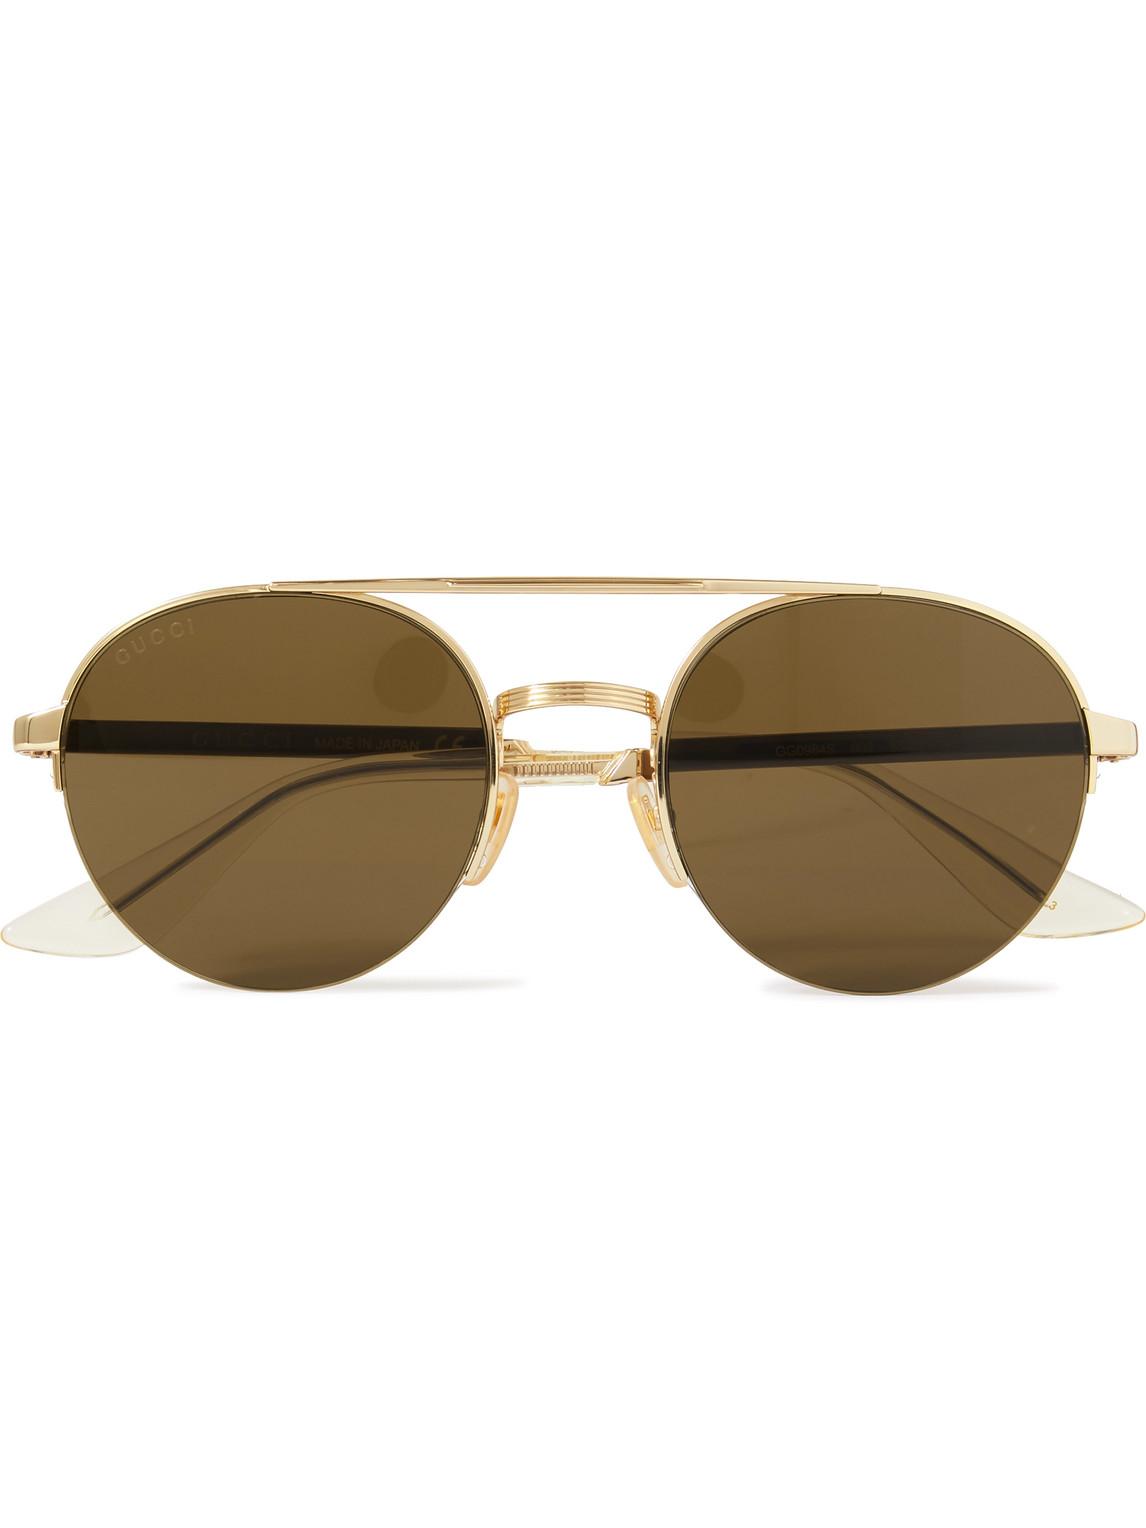 Gucci - Aviator-Style Gold-Tone Sunglasses - Men - Gold